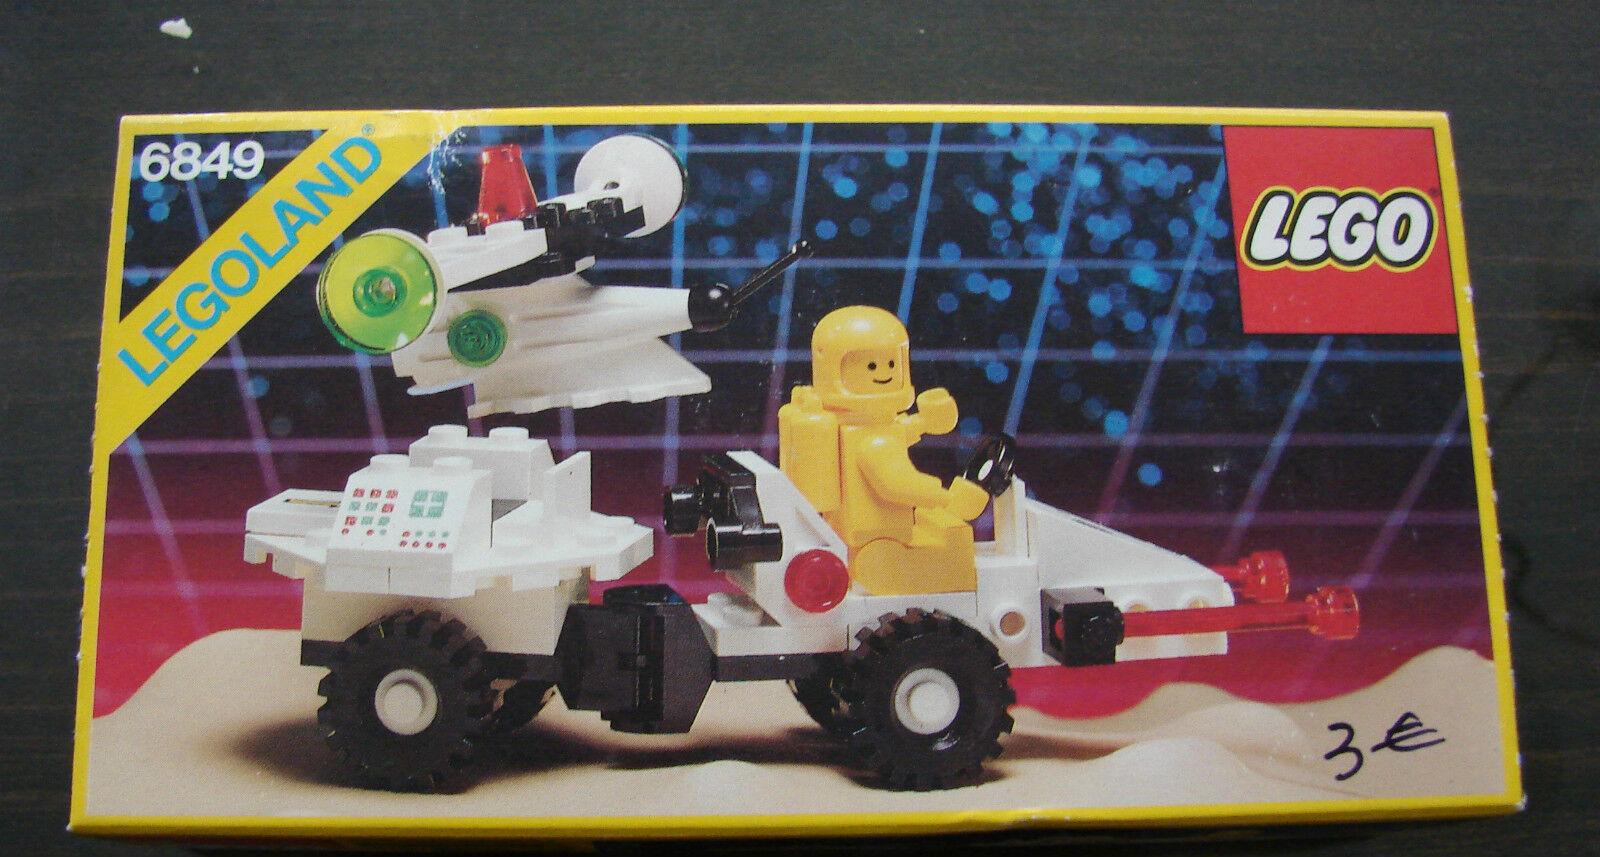 Nuevo LEGO ESPACIO 6849 satélites Patrulla-Legoland Nuevo Sellado Clásico 1987'